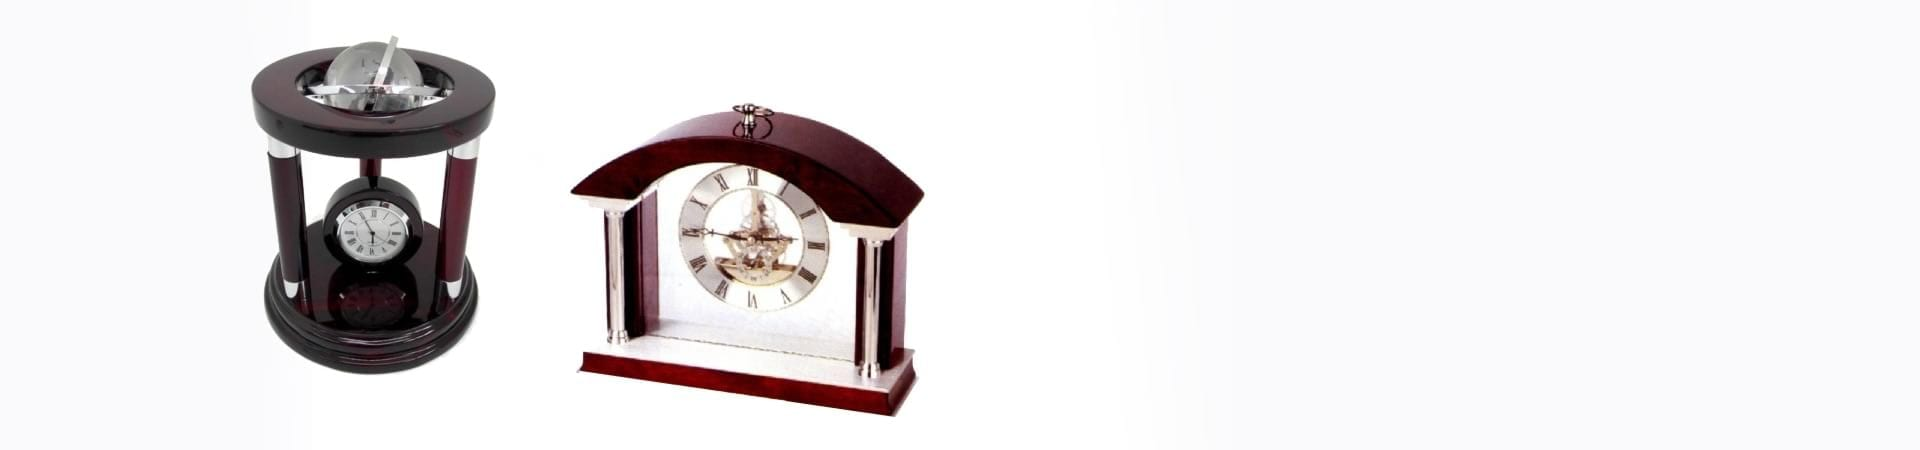 selección de relojes de escritorio